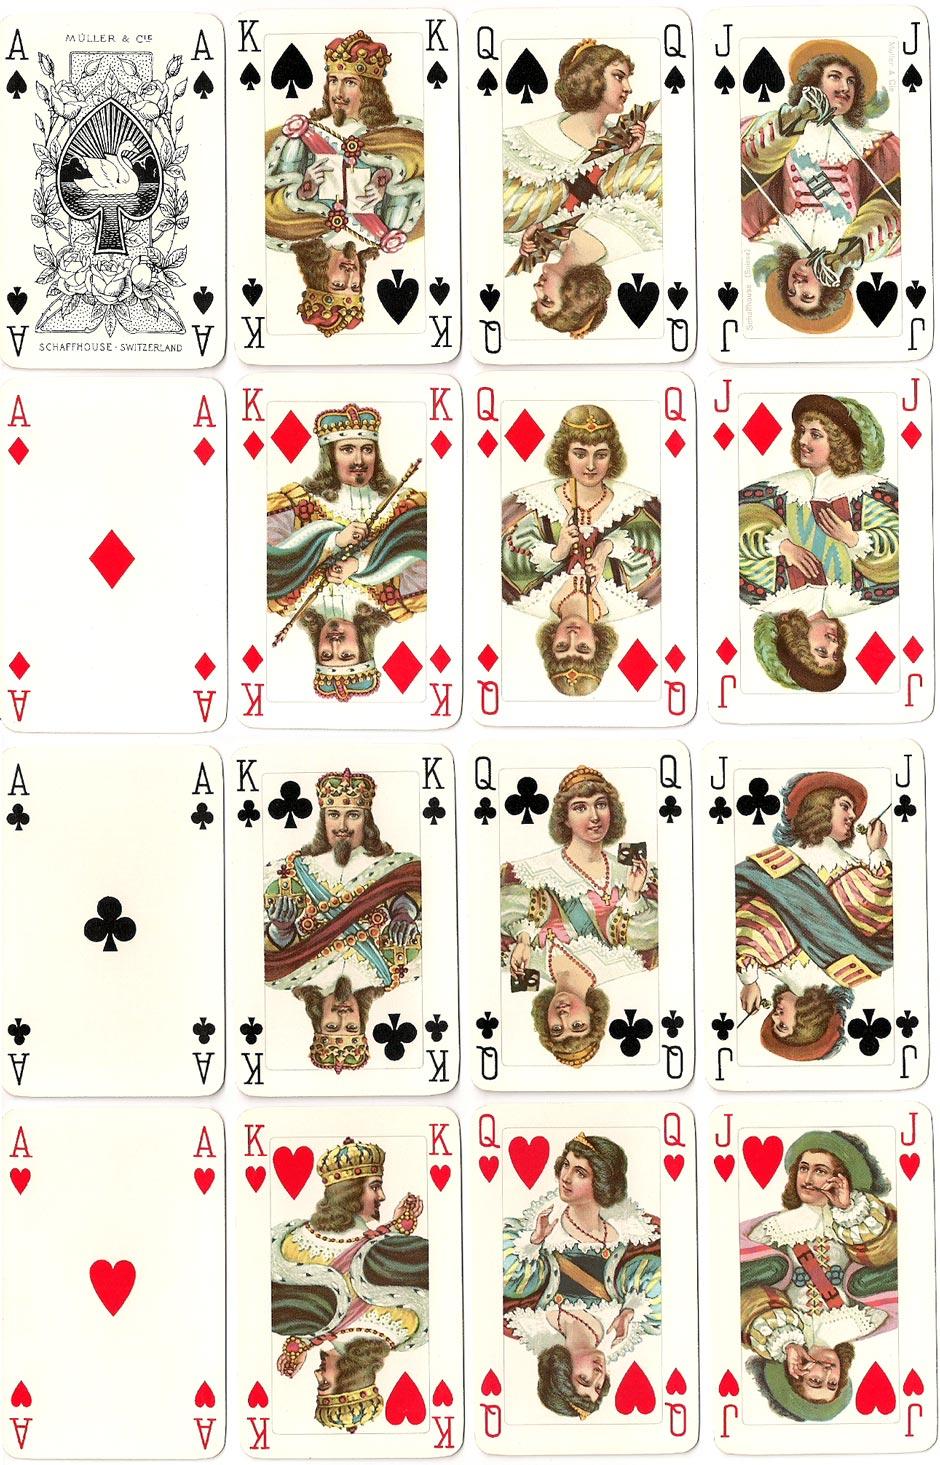 'RICHELIEU' playing cards by A.G. Müller, Schaffhausen, Switzerland, 1935